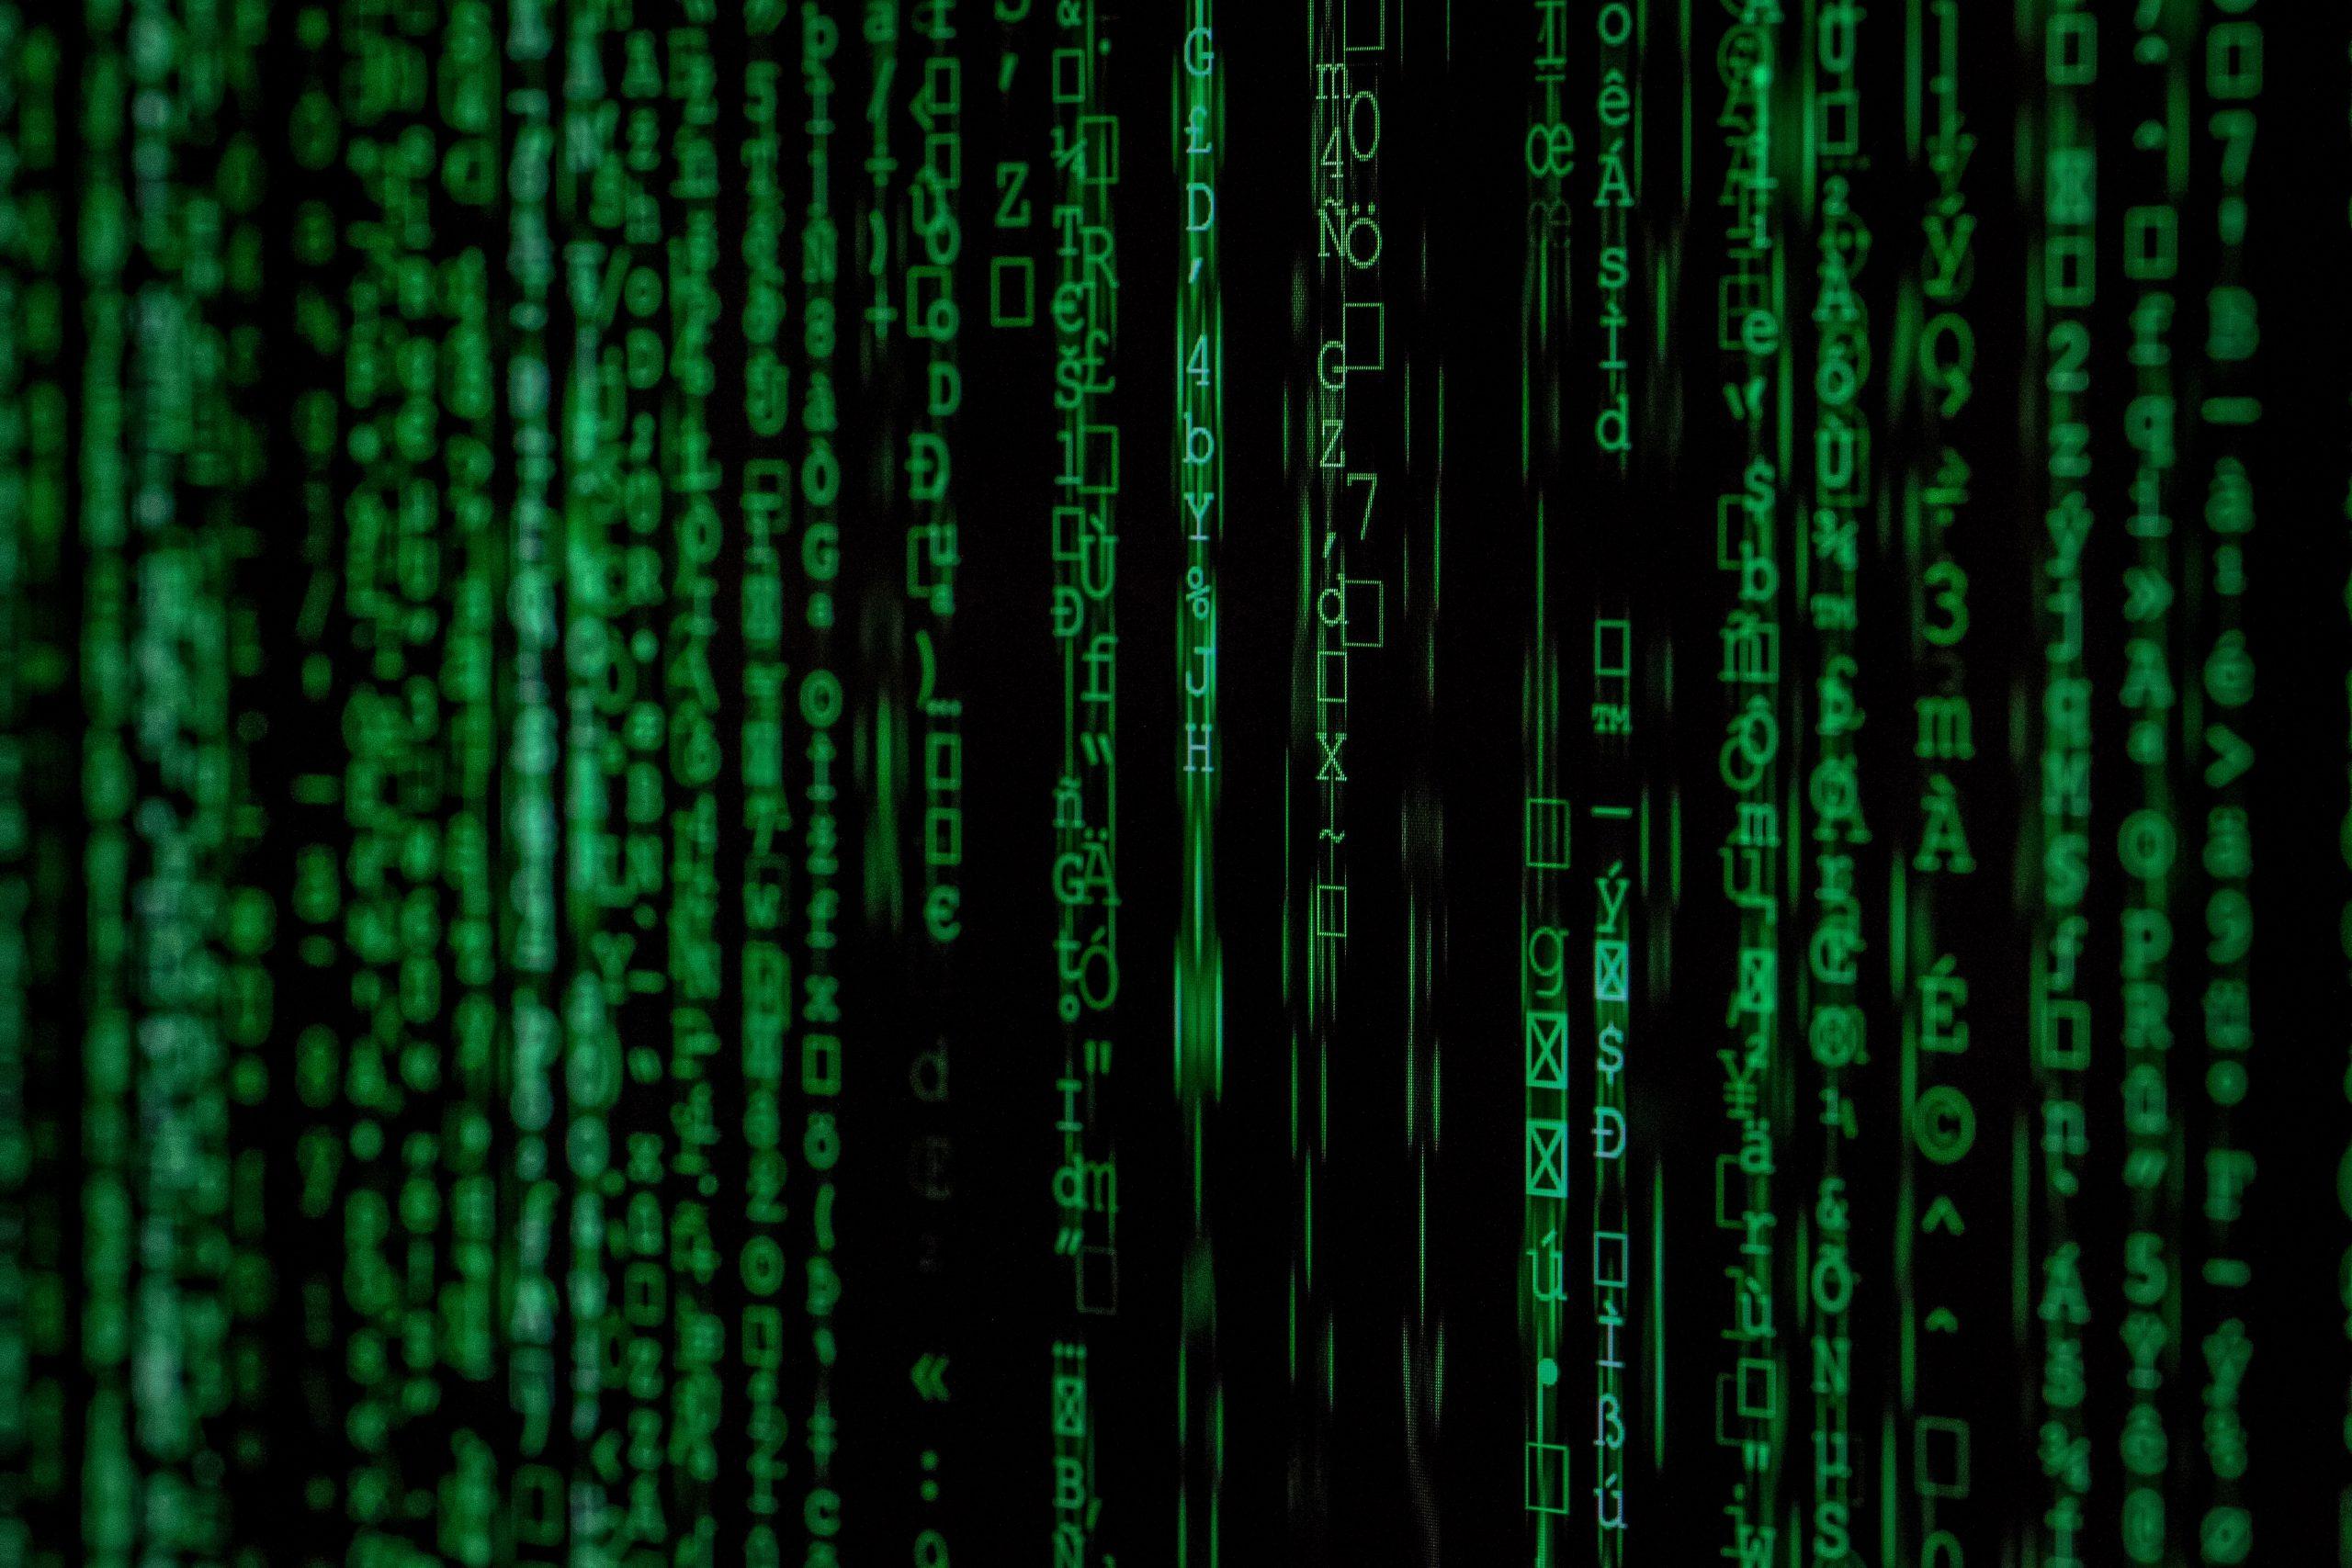 Koronakríza ukázala priestor pre lepšie vyhodnocovanie dát